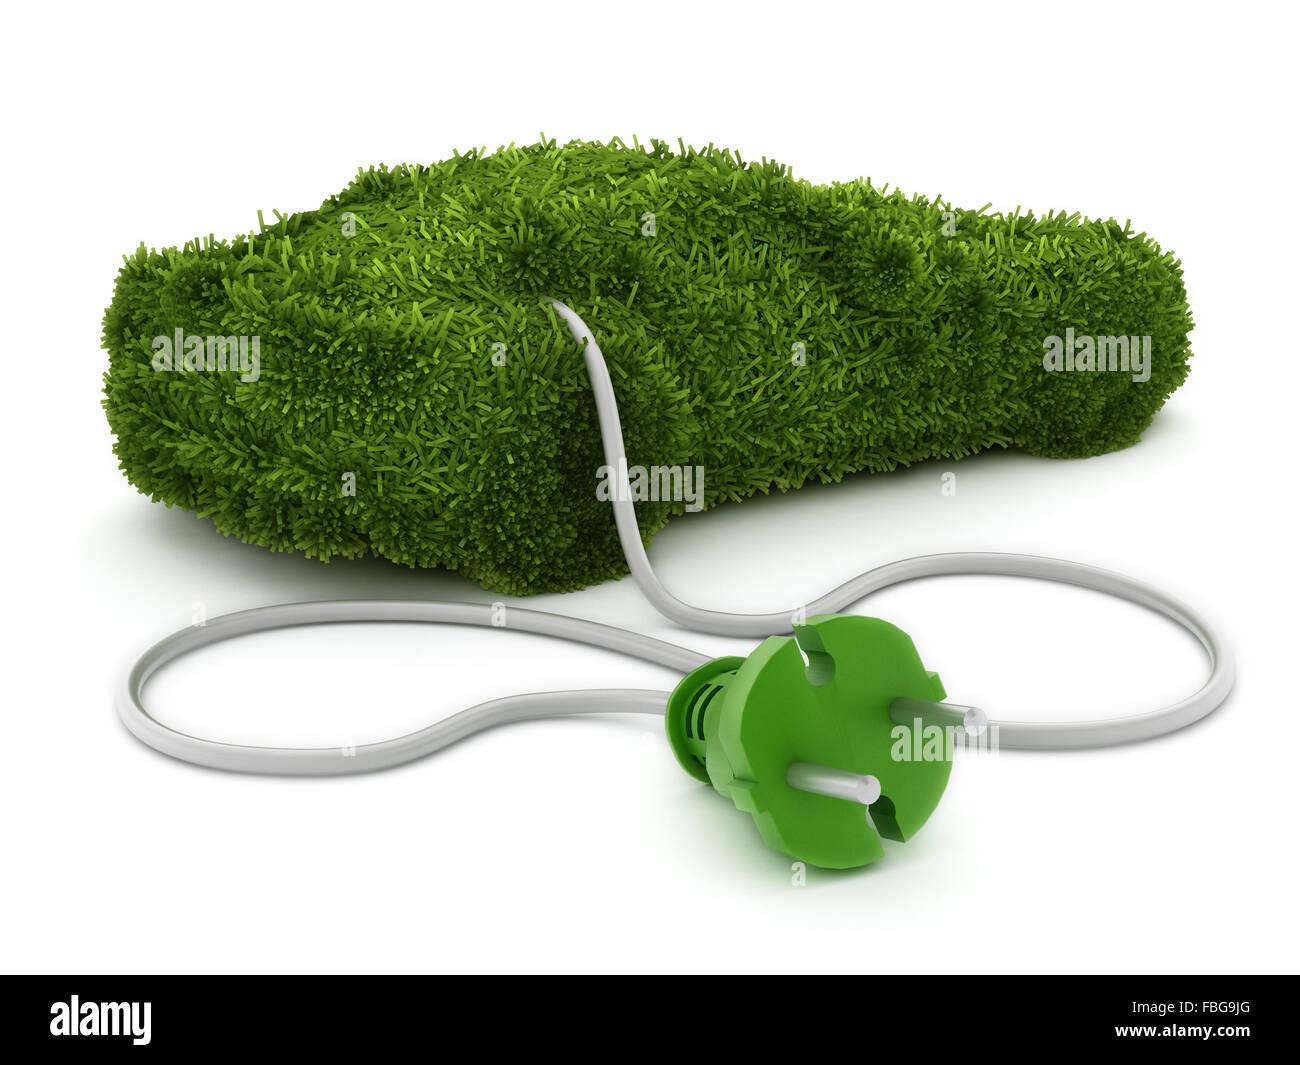 Grünes Auto bedeckt mit Grass Textur an den Stecker angeschlossen. Stockbild